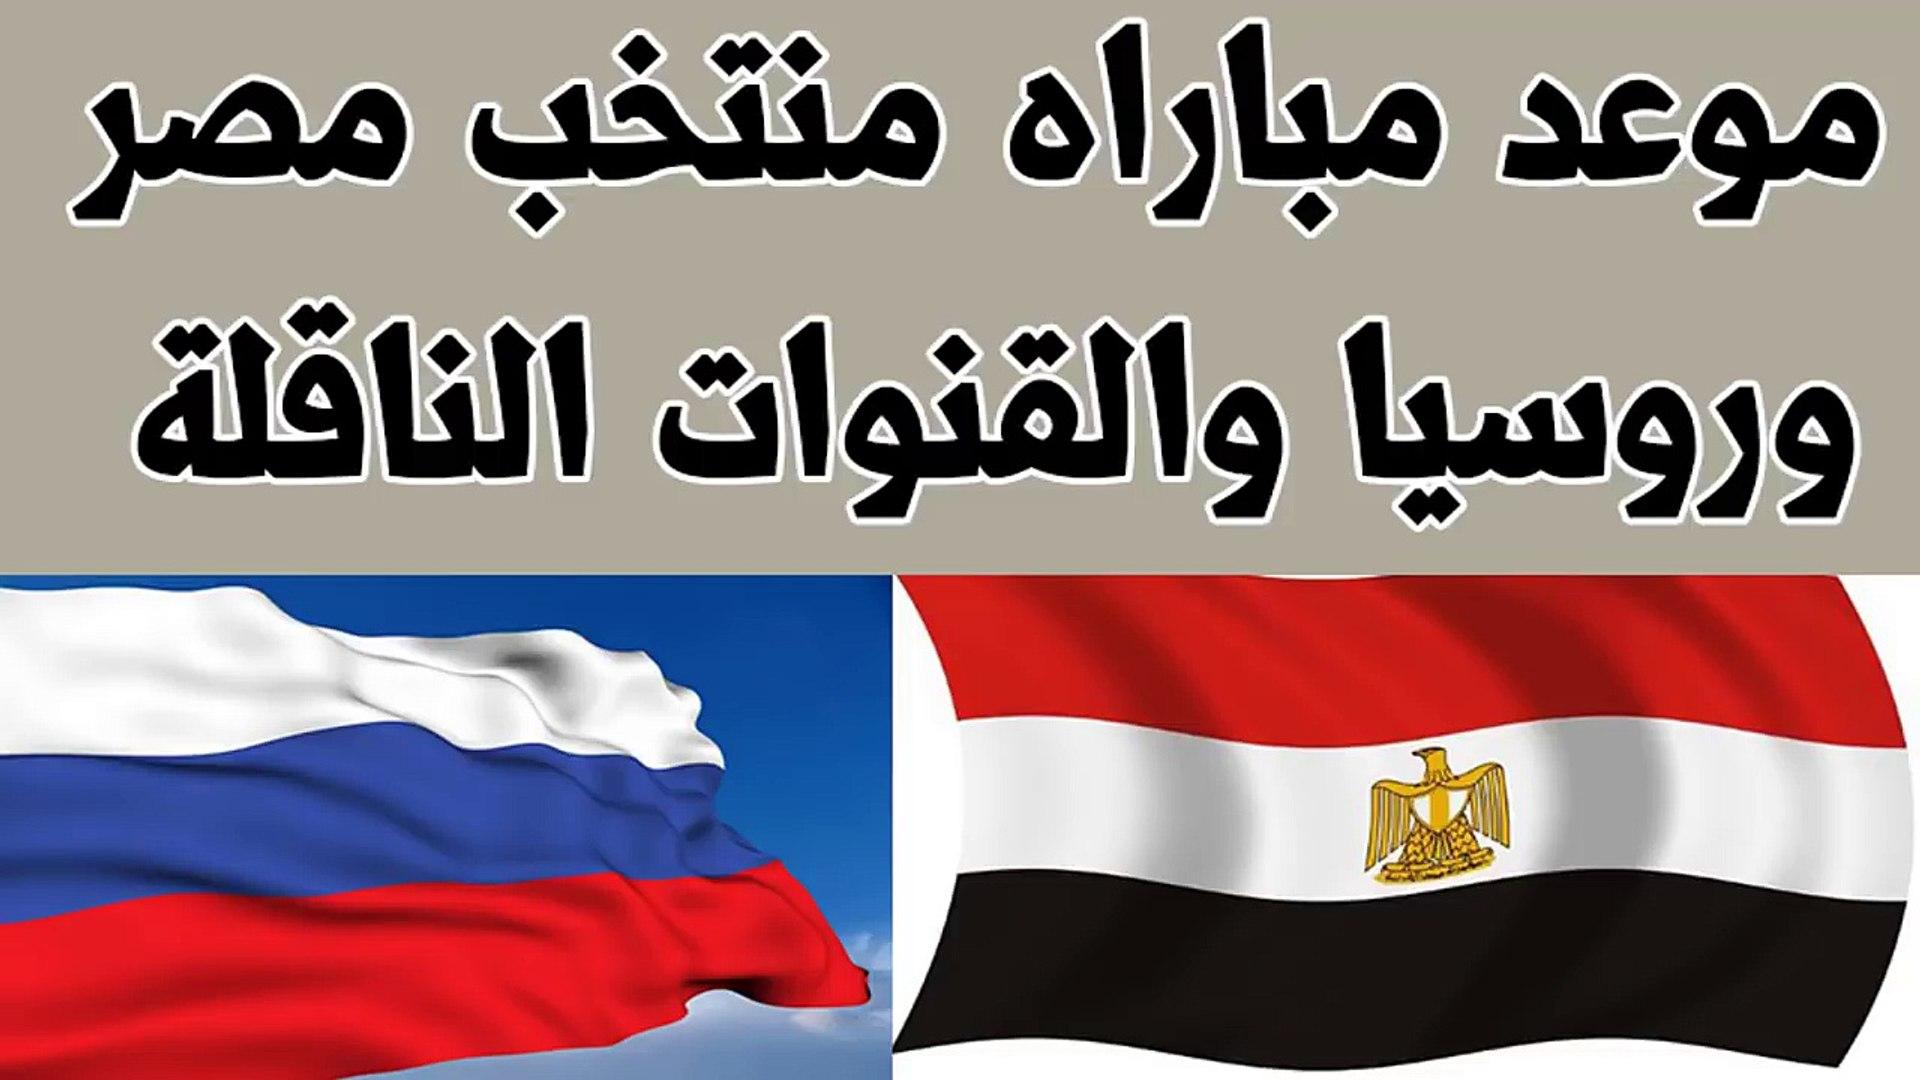 موعد وتفاصيل مباراة مصر وروسيا في كاس العالم 2018 والقنوات الناقلة